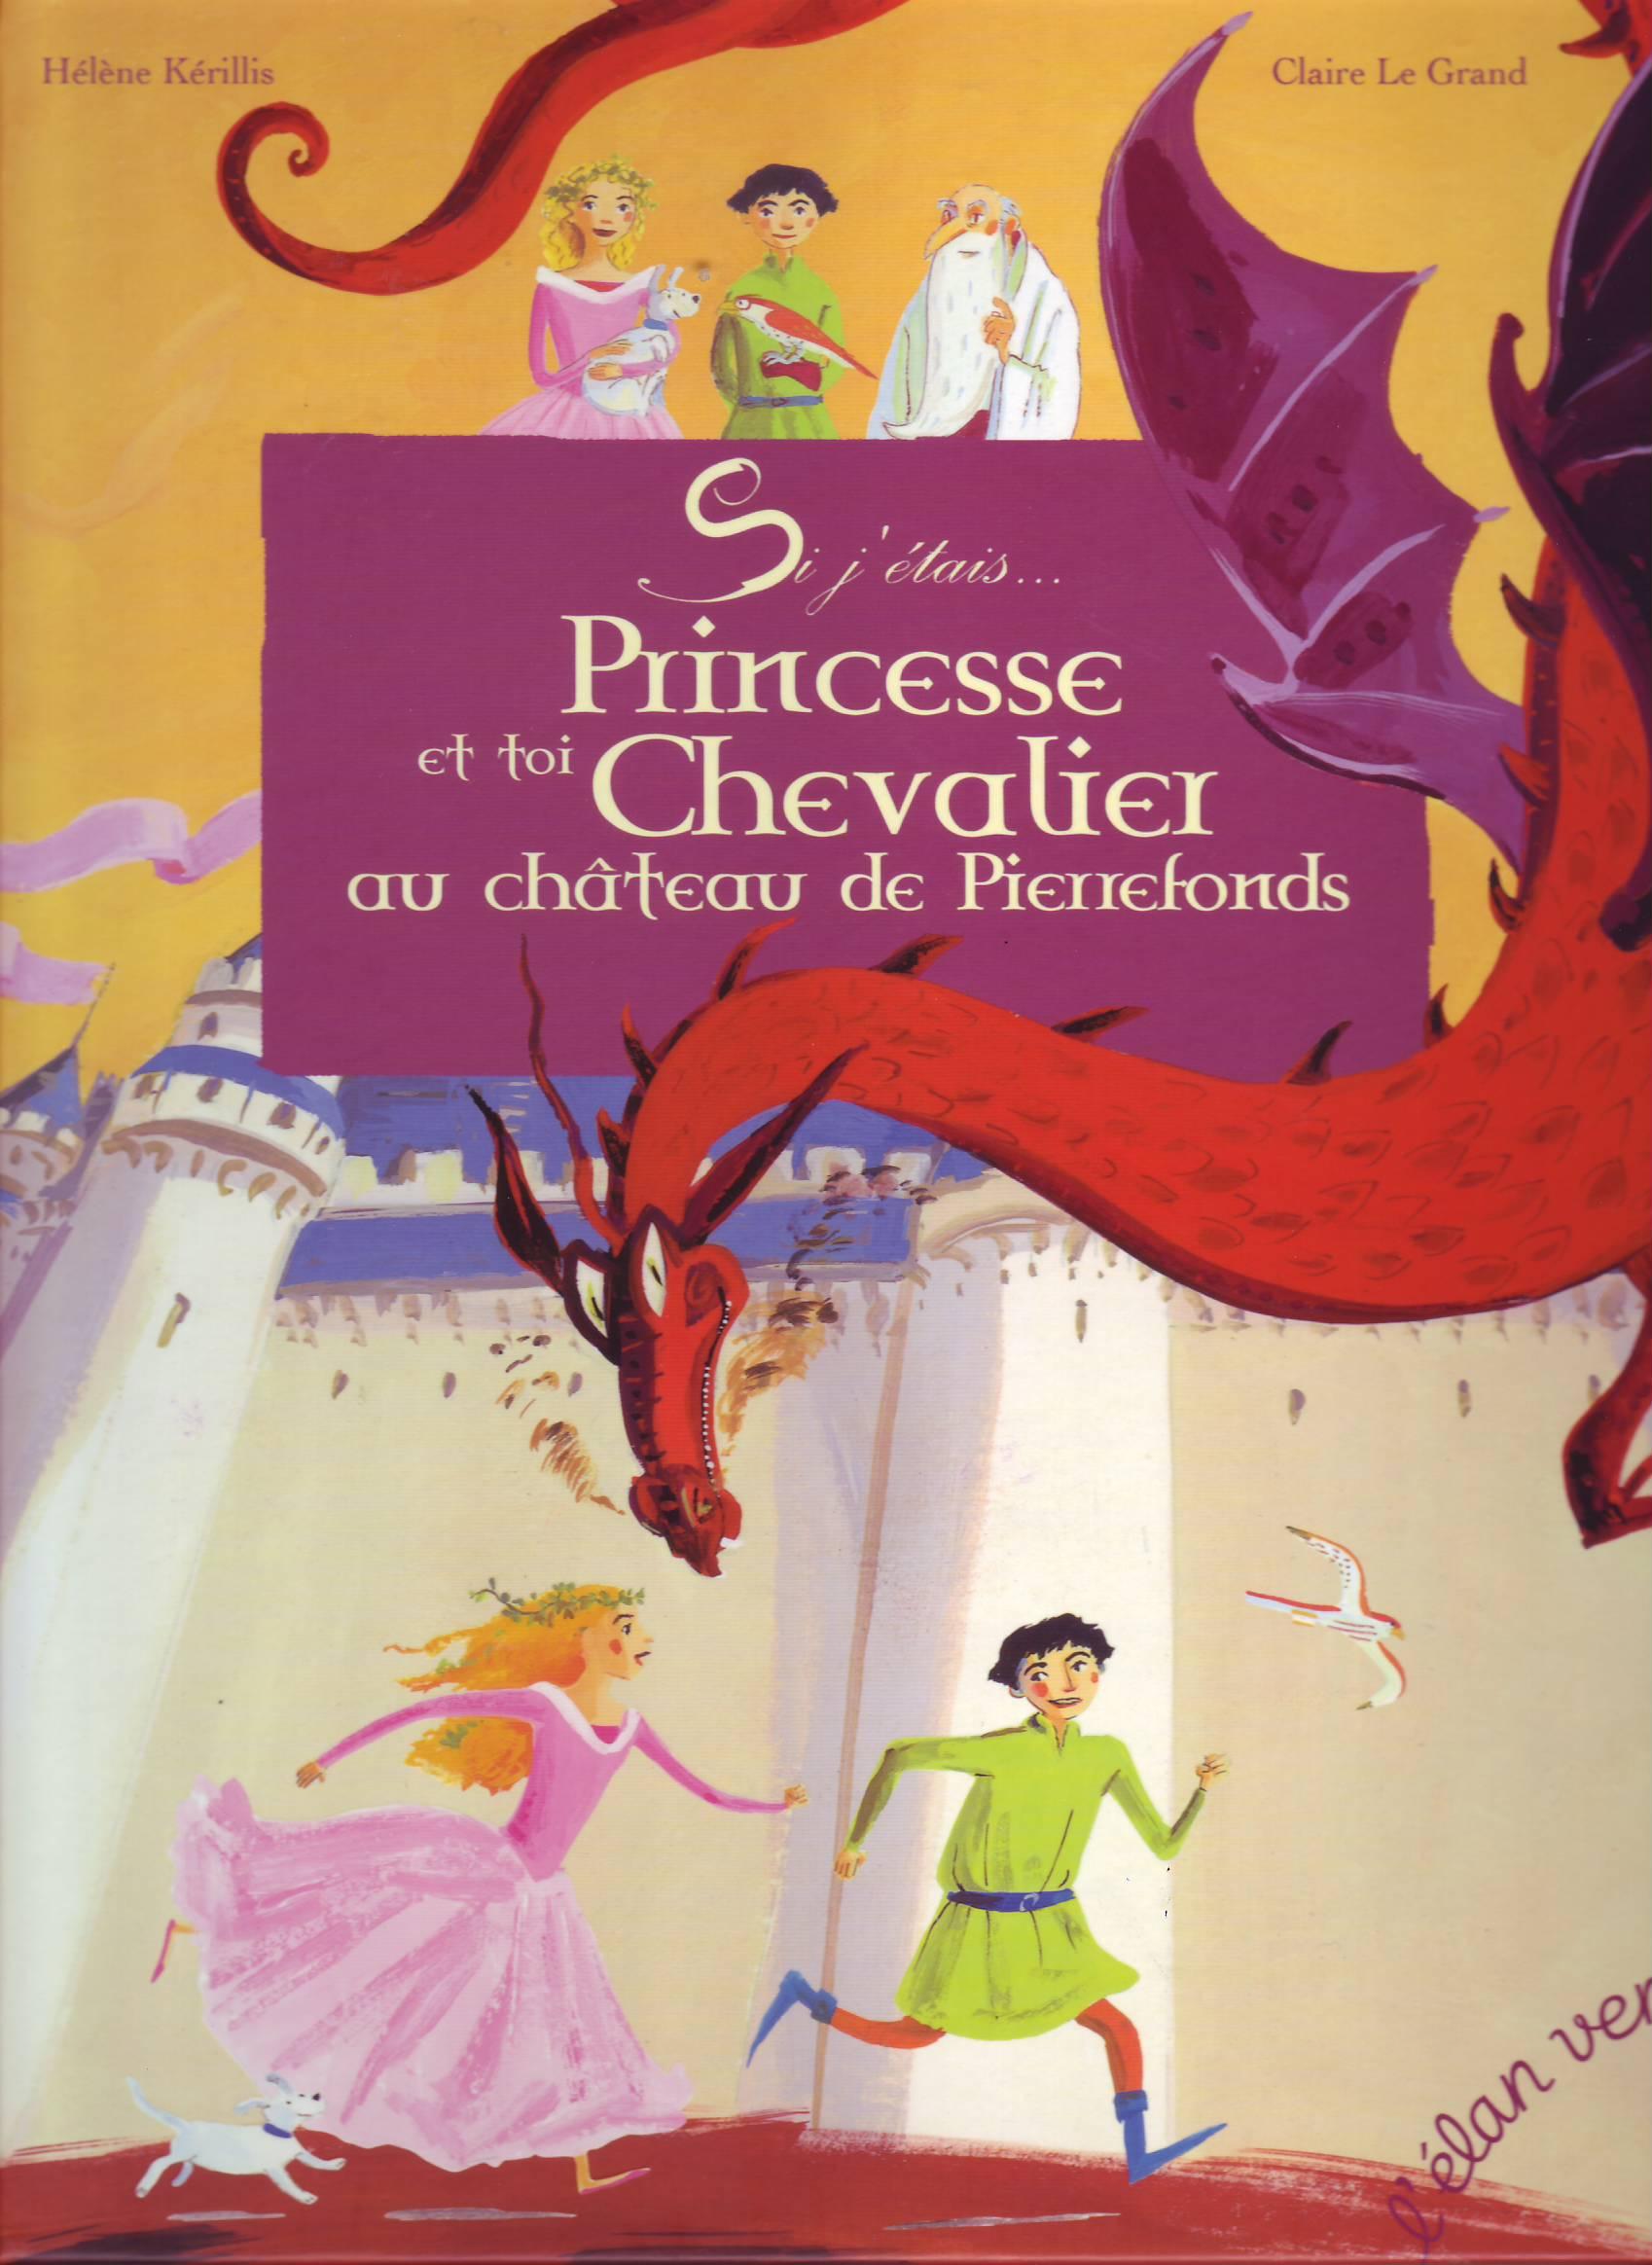 Si j'étais princesse et toi chevalier